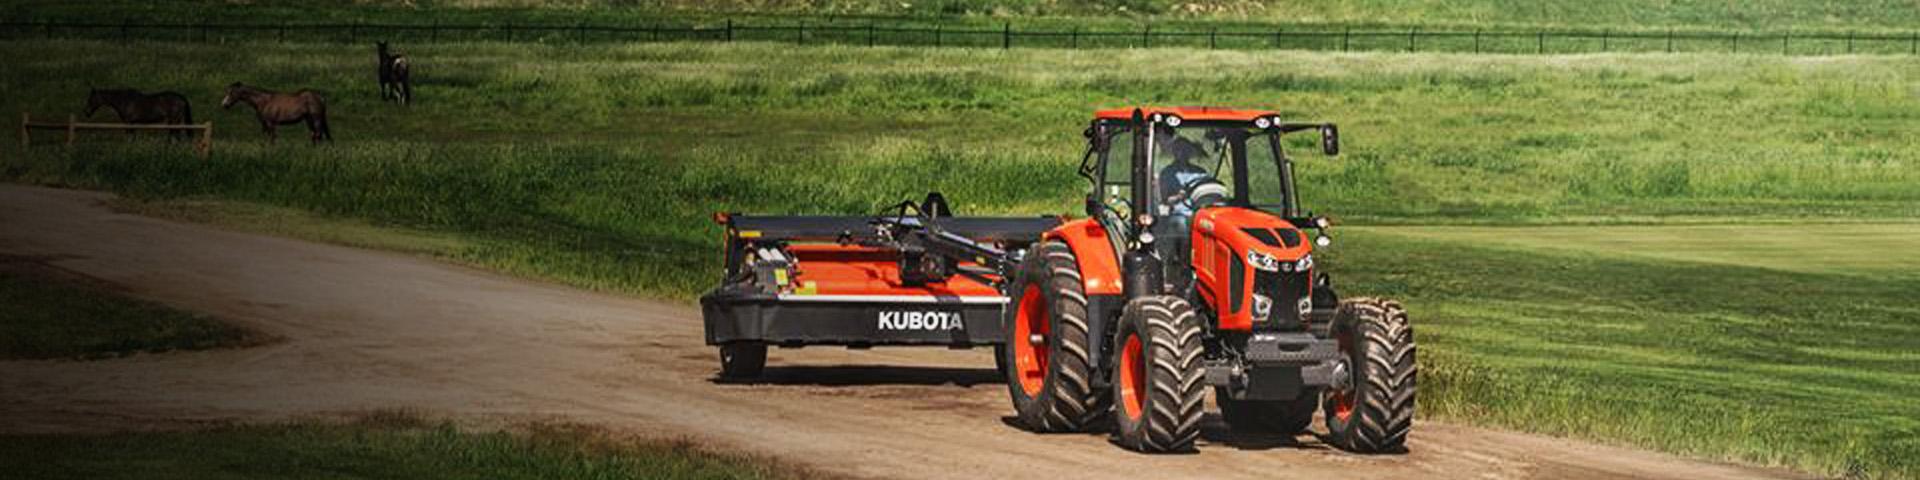 Tractor - Low Country Kubota - Statesboro, GA